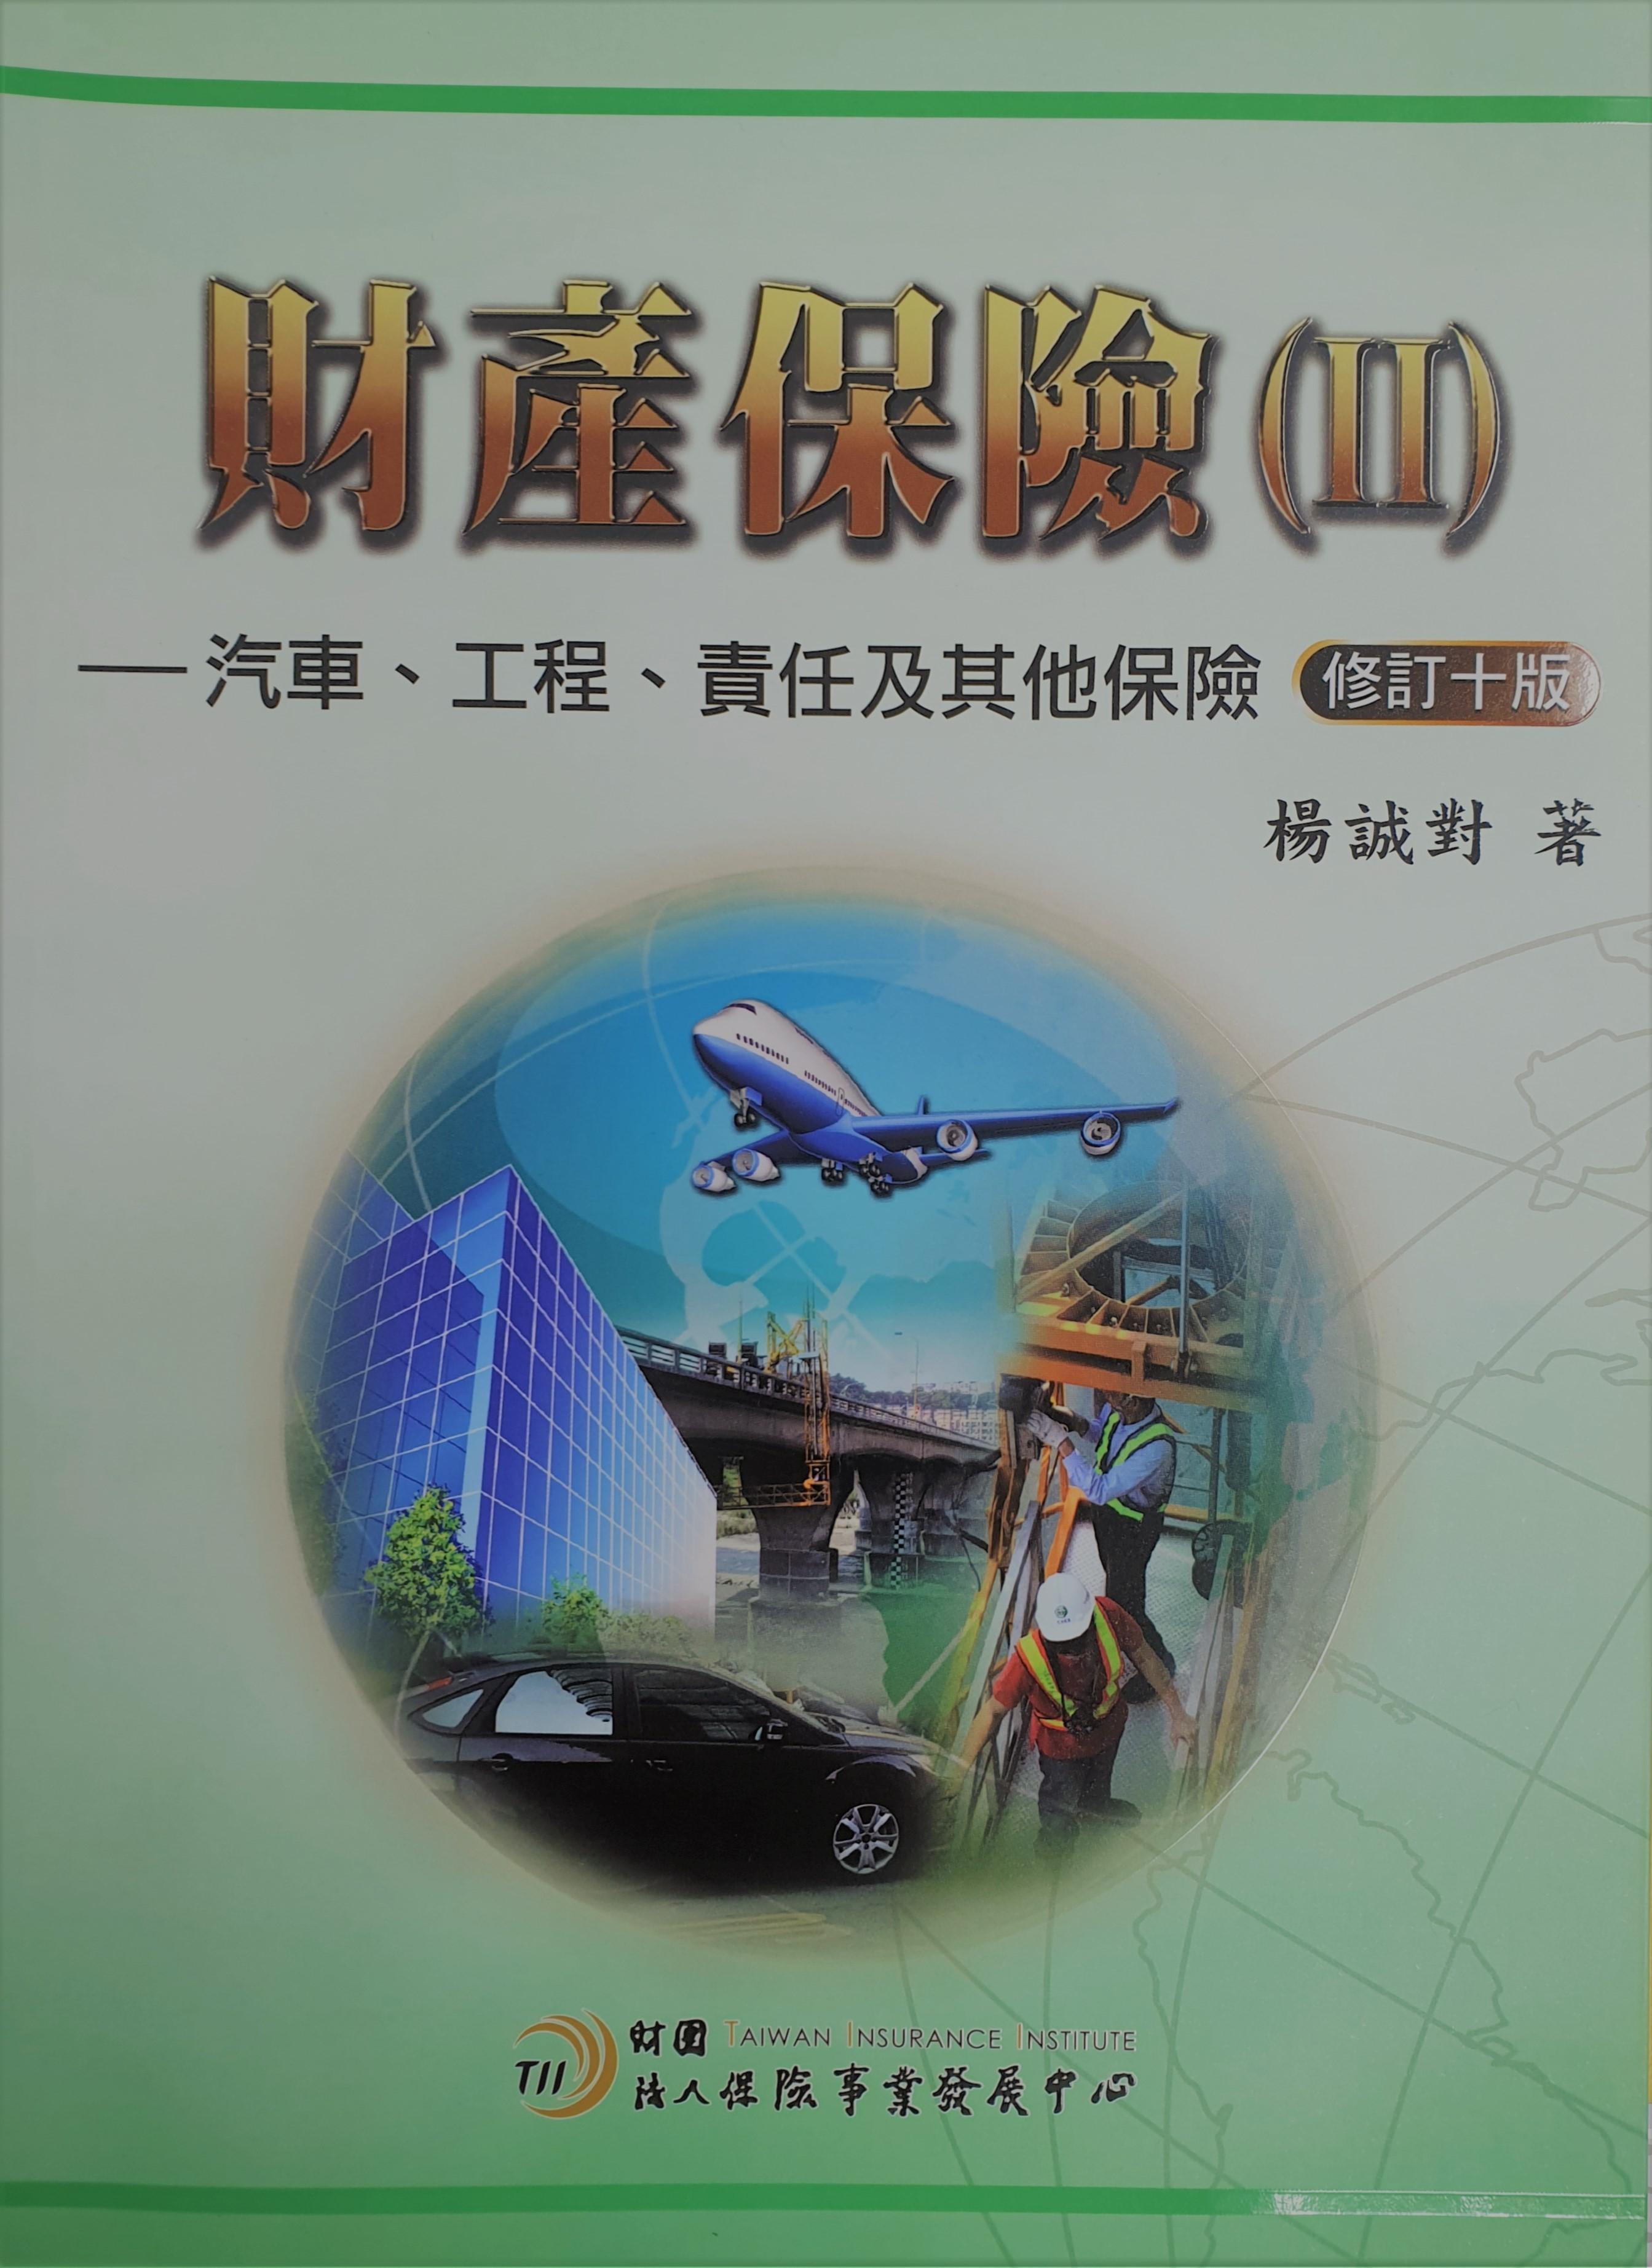 財產保險(II)─汽車、工程、責任及其他保險(修訂十版)